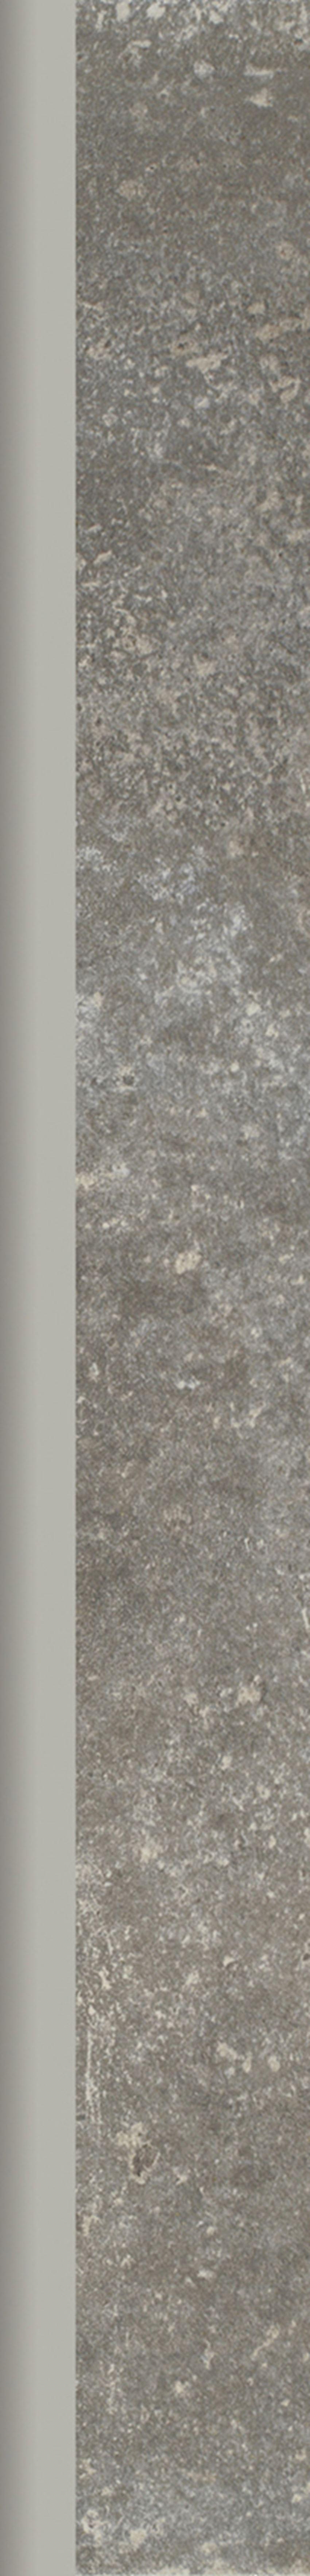 Płytka cokołowa 7,2x59,8 cm  Paradyż Trakt Antracite Cokół Półpoler